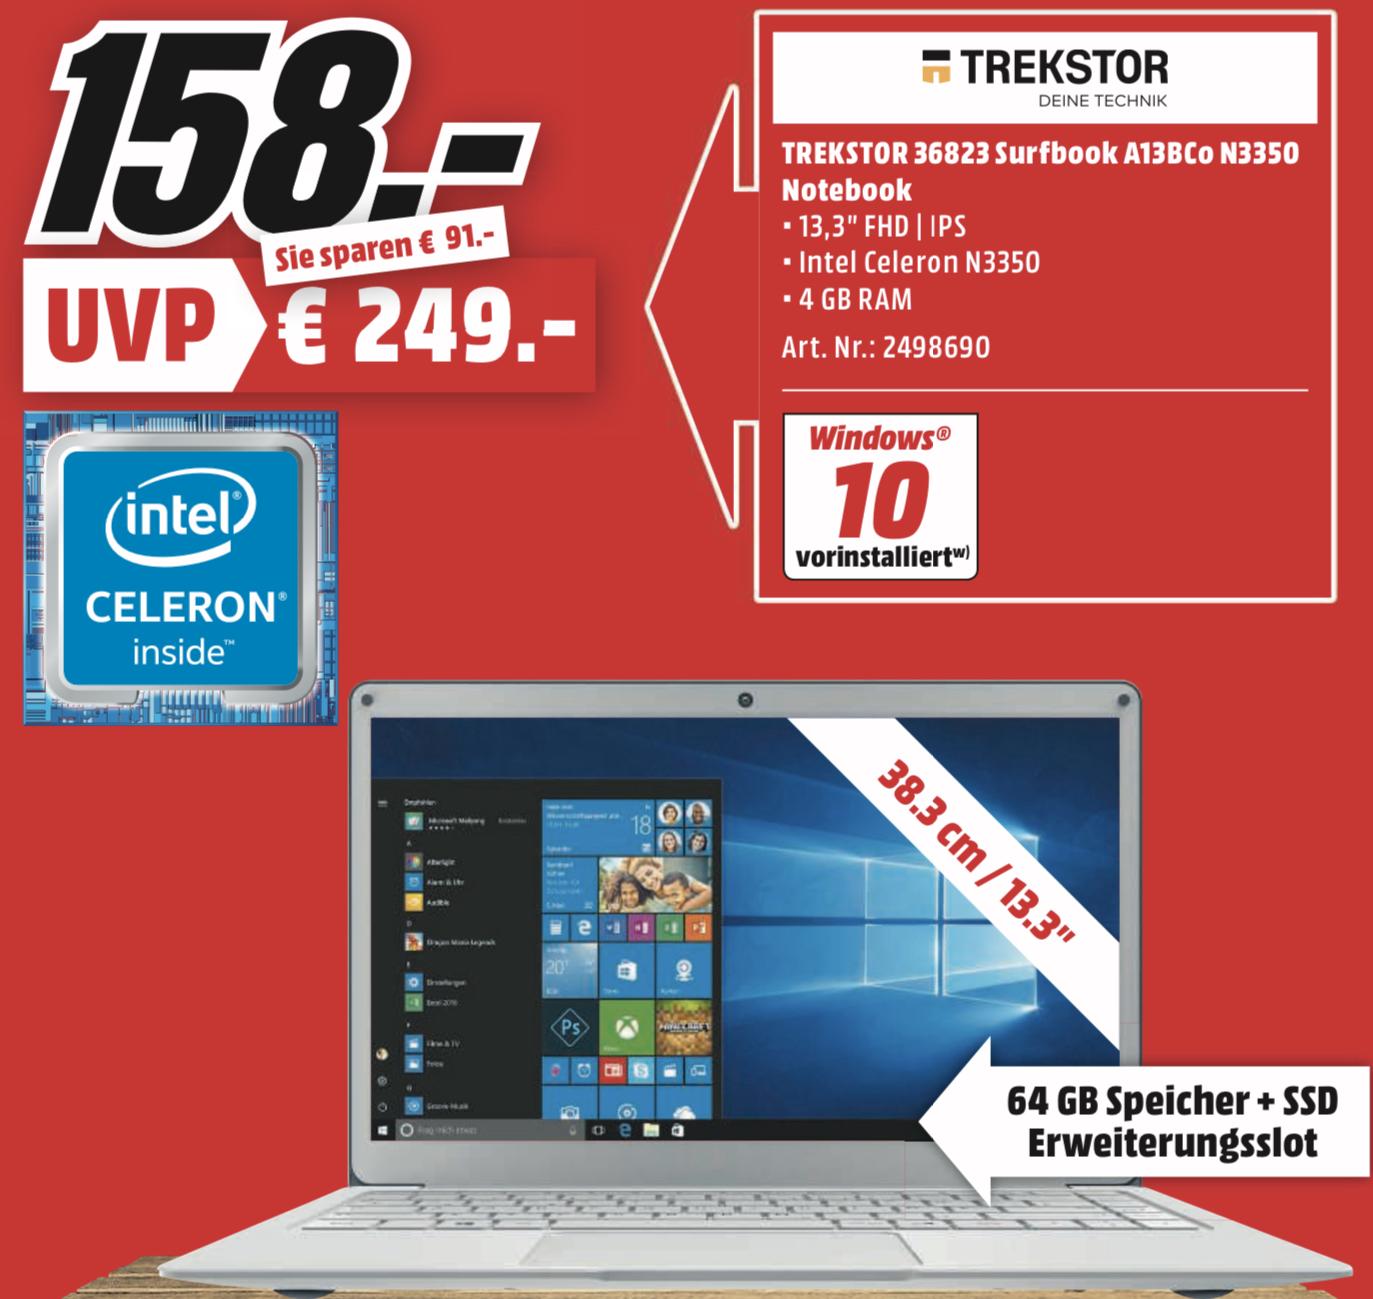 Lokal MediaMarkt Weiterstadt: TREKSTOR Surfbook A13B, Notebook 4 GB RAM, 64 GB eMMC für 158€ oder LG OLED TV 65B87 + 400€ Coupon für 1777€